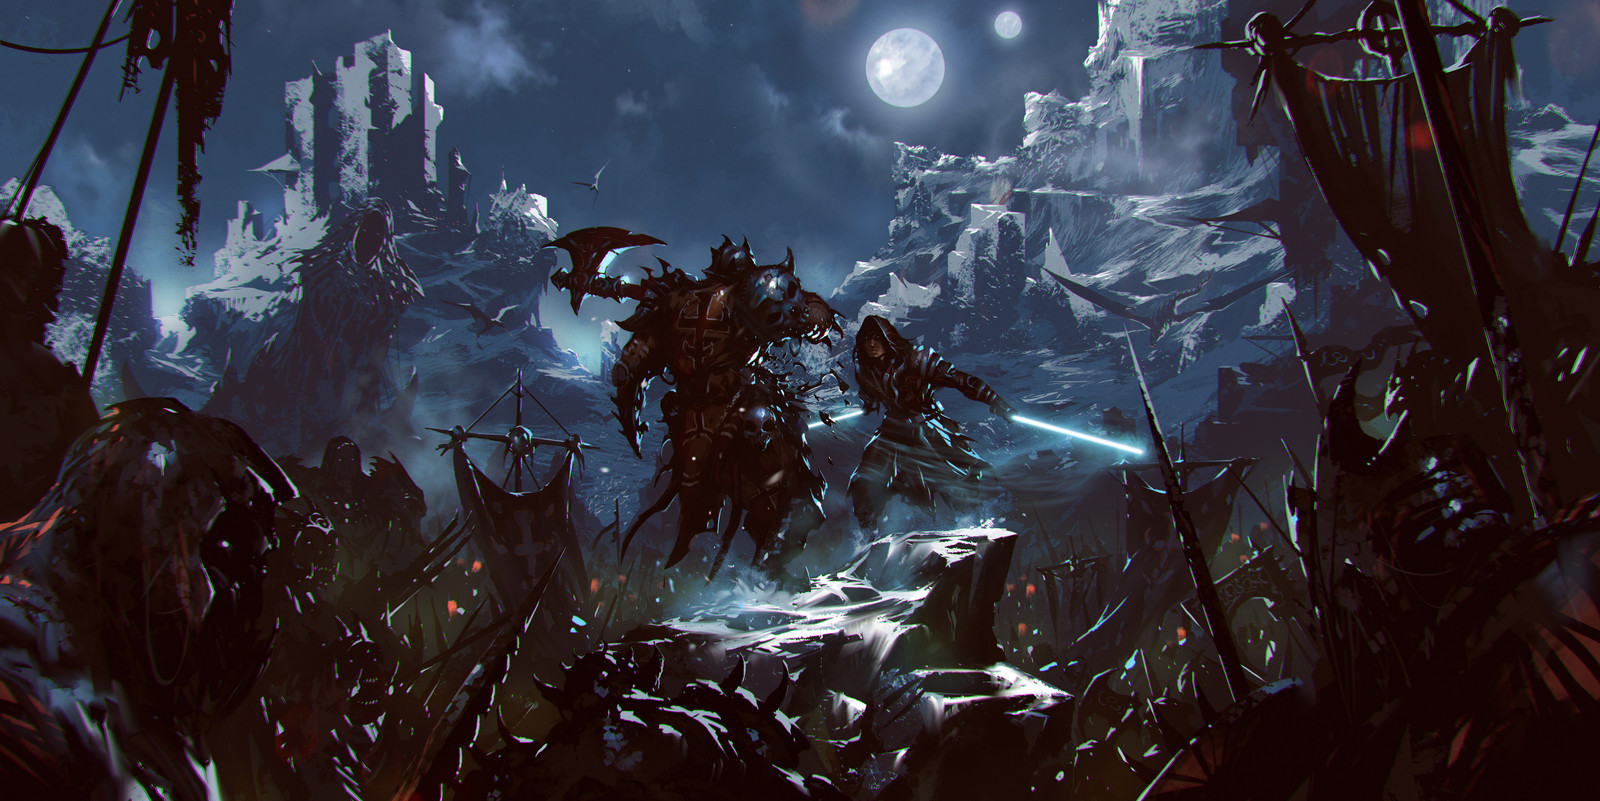 -jedi vs orcs-